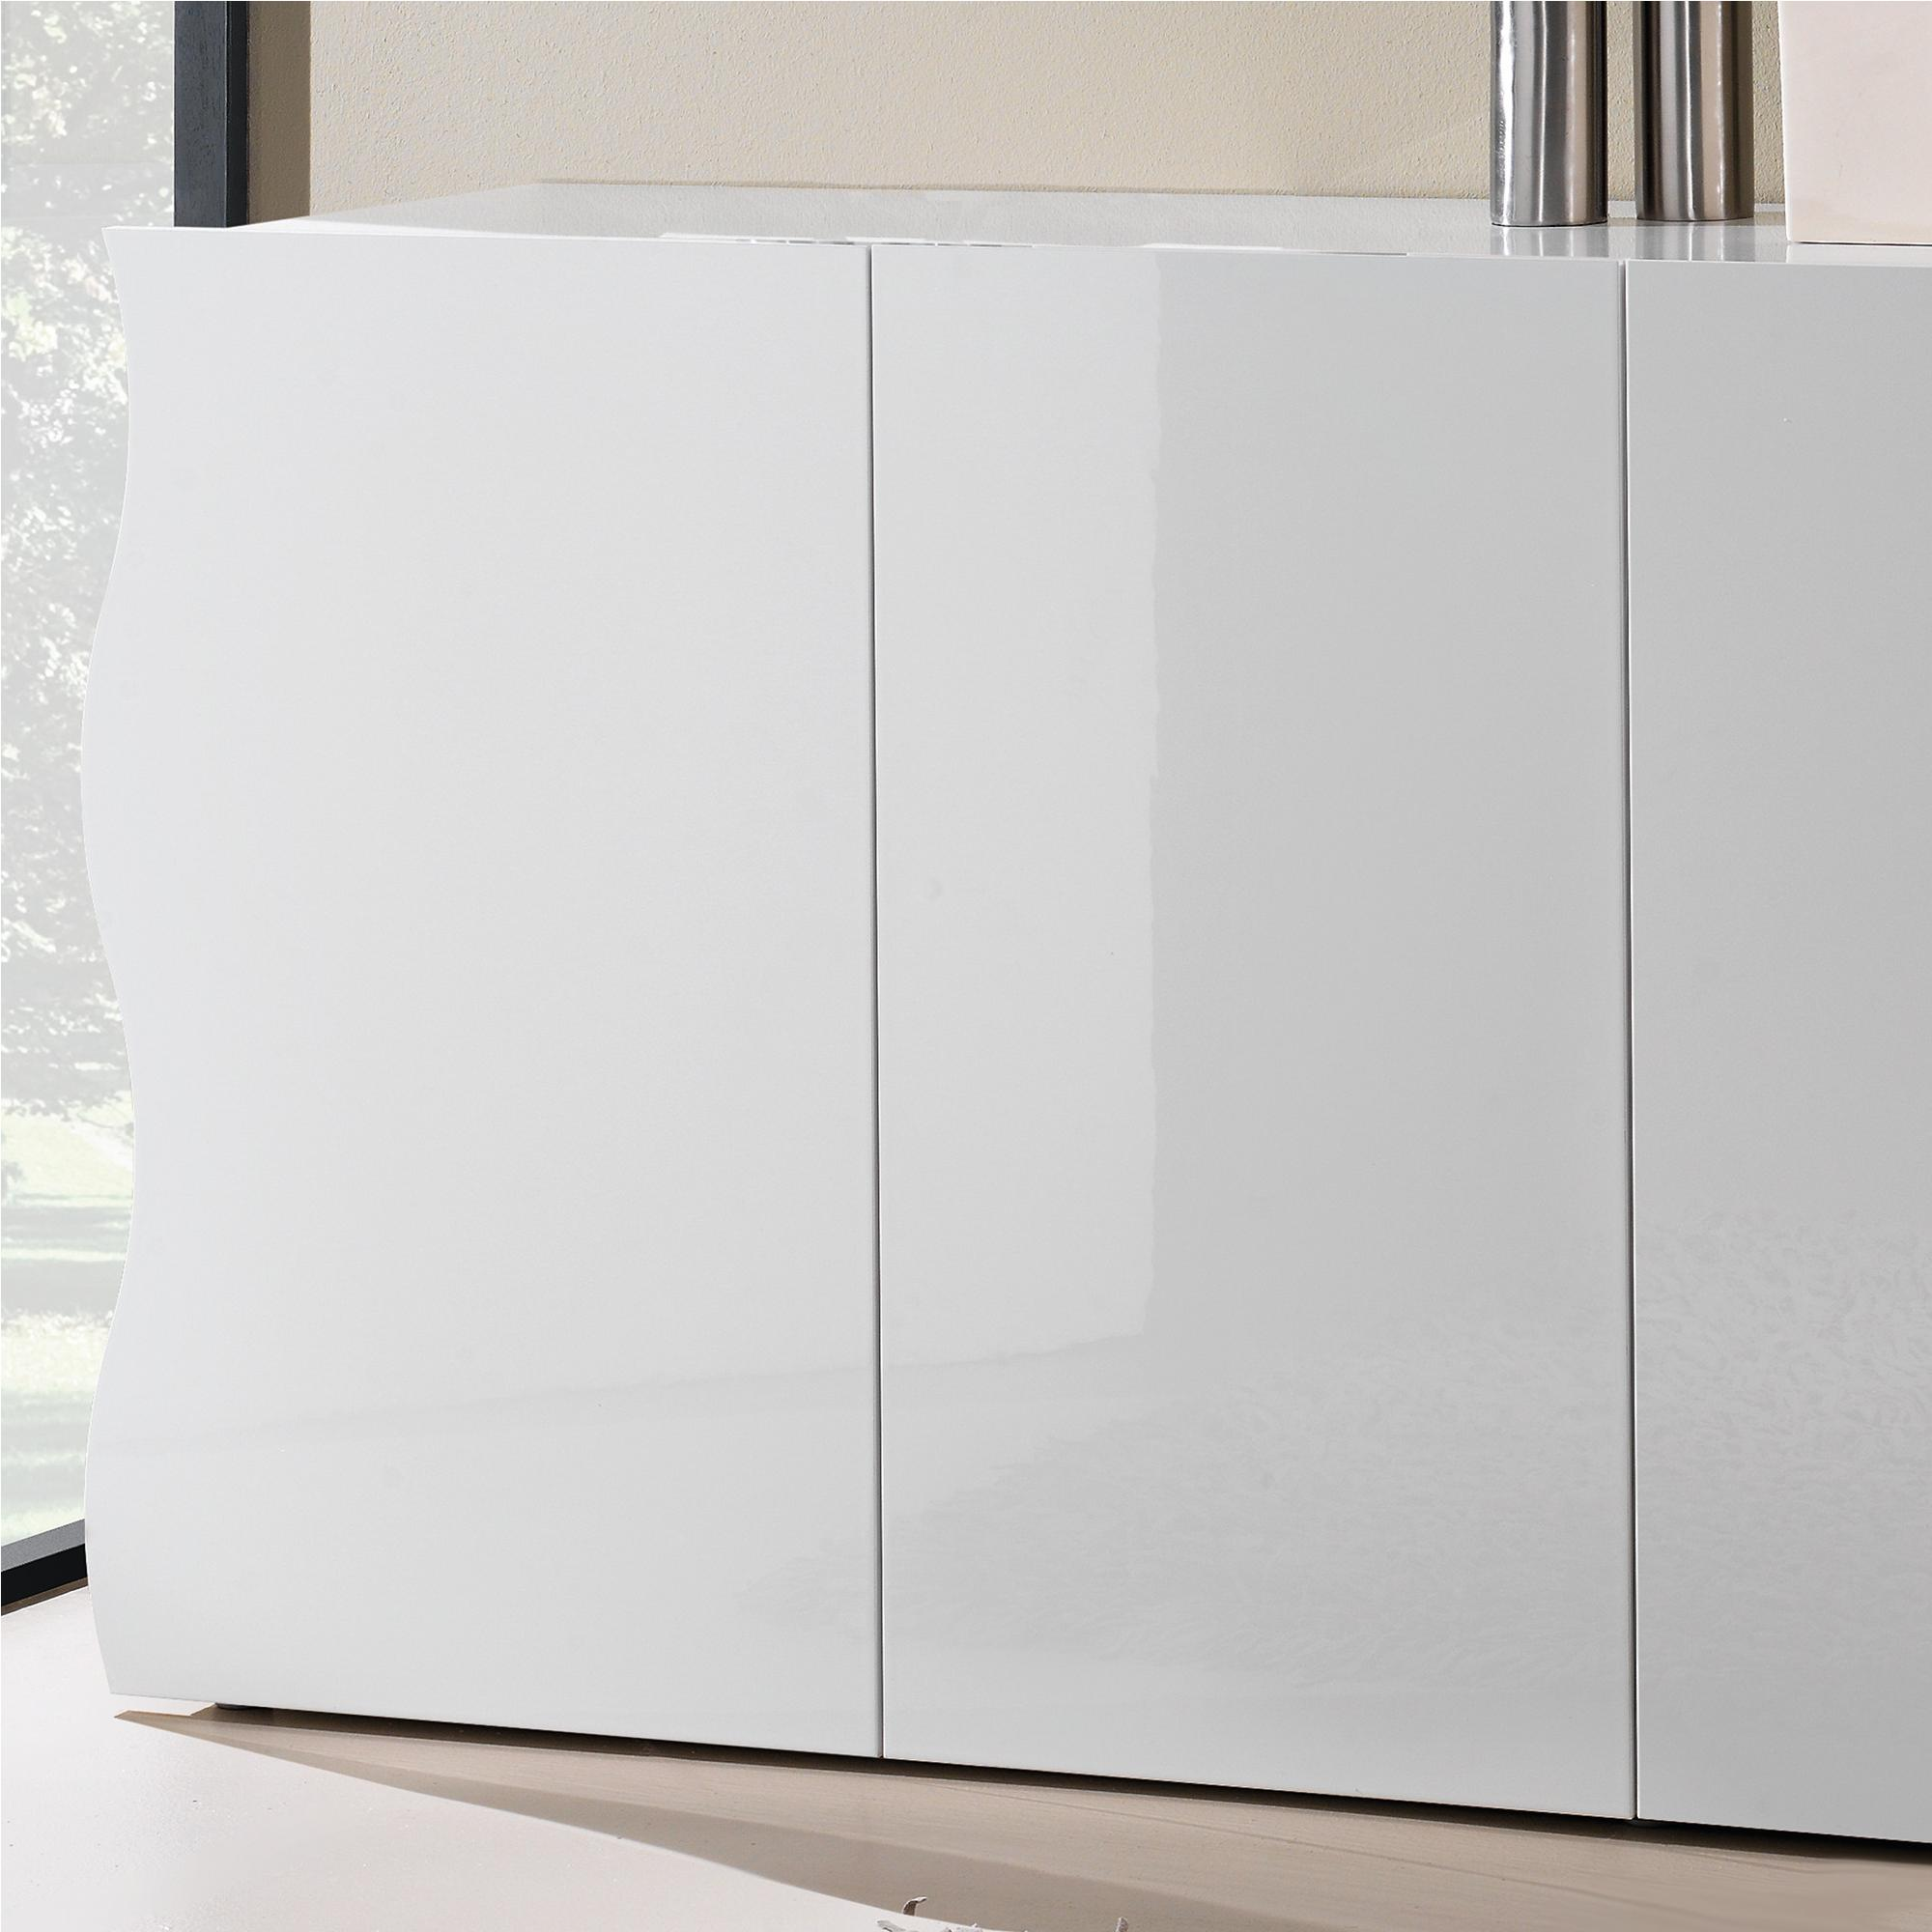 Mobile 4 ante camera soggiorno 190x44xh81cm ONDA in melaminico laccato  bianco lucido | Tecnos Arredamento